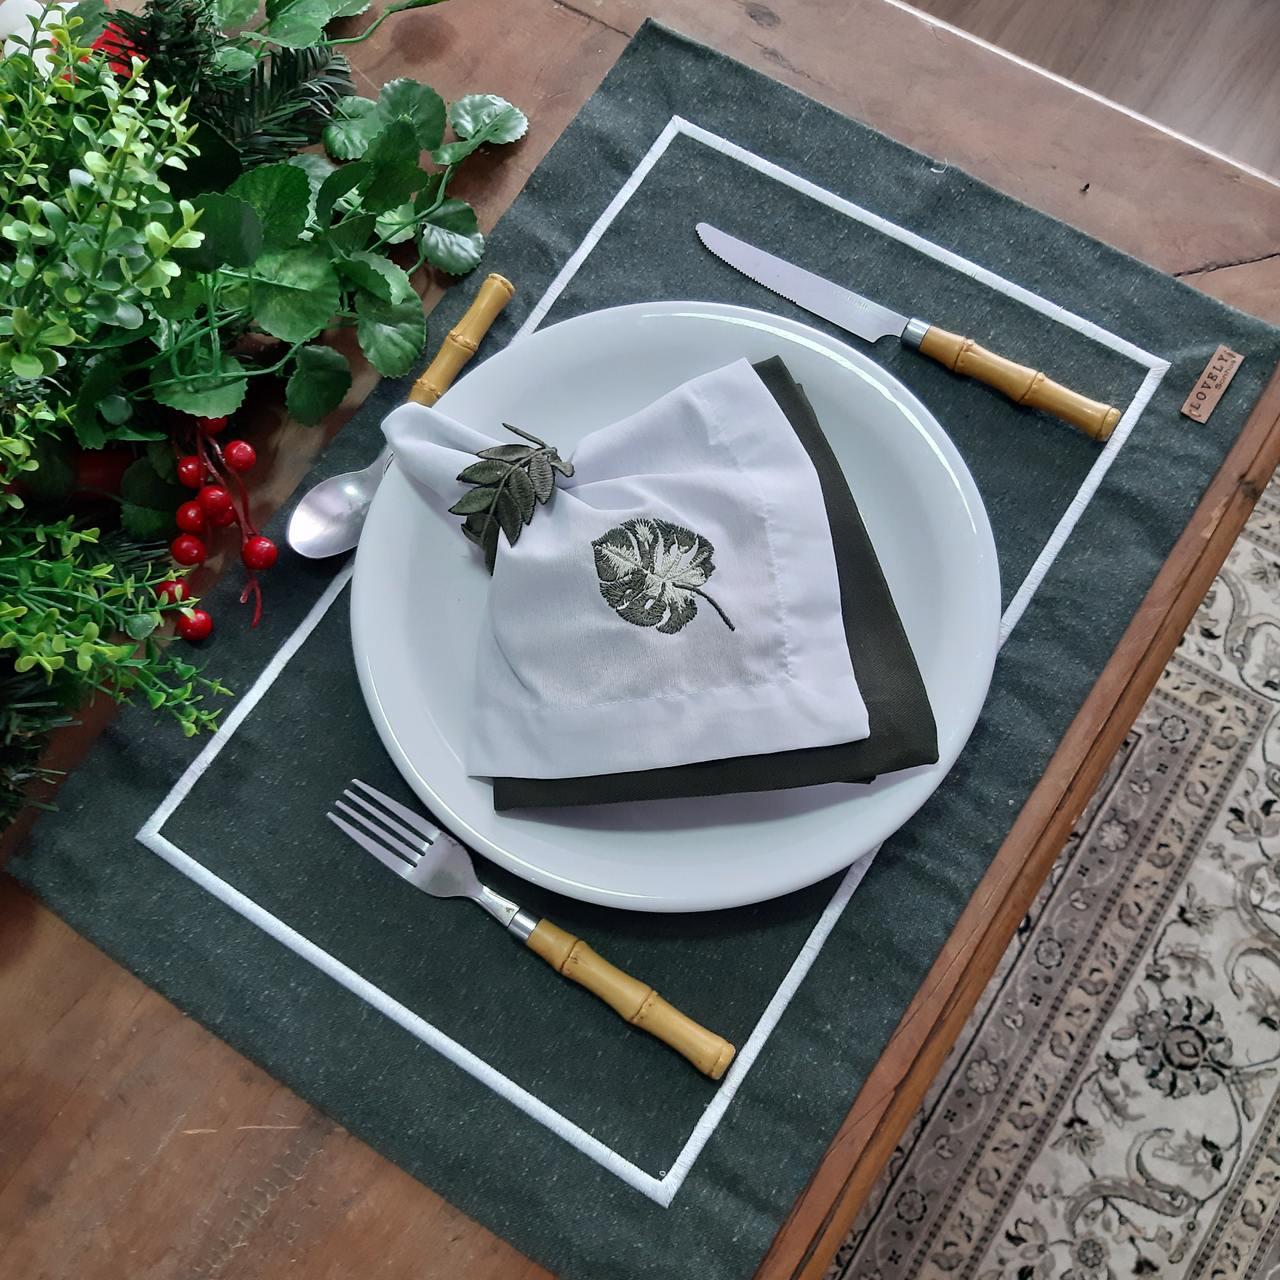 Kit de Mesa Posta Completo - Costela de Adão (2un)